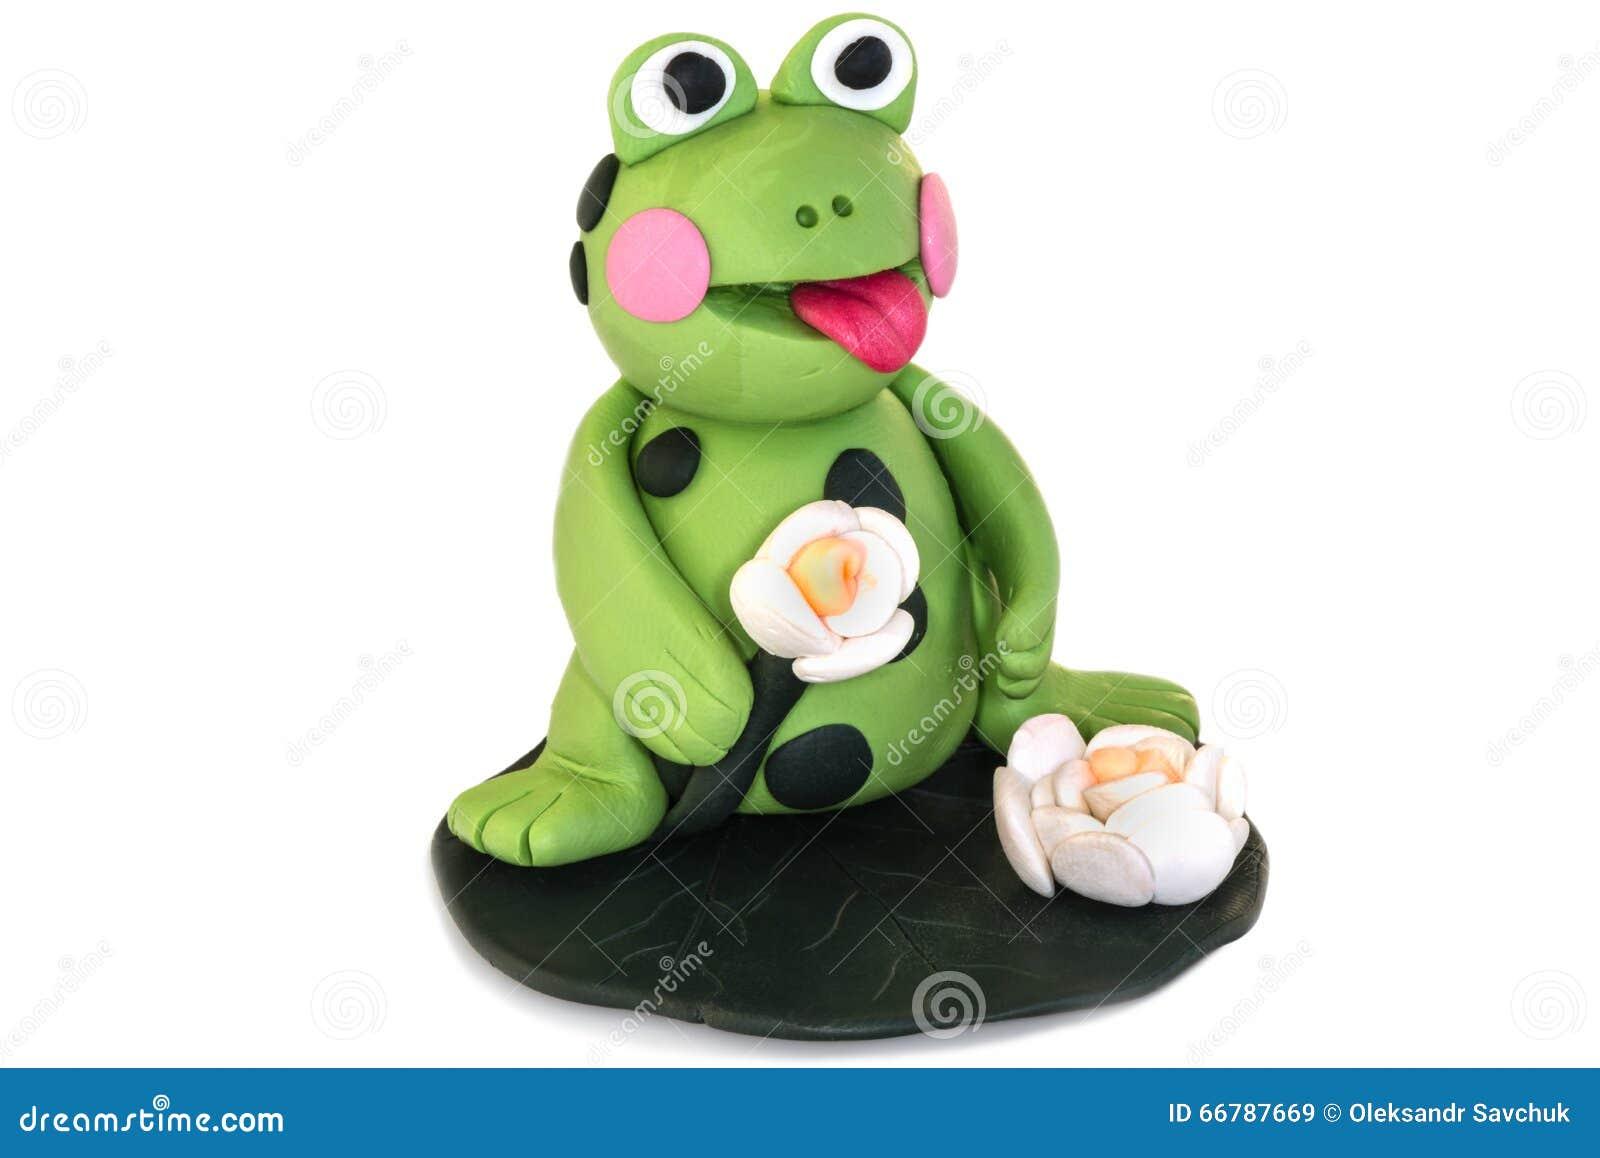 Figurine лягушки сделанный из глины полимера на белой предпосылке